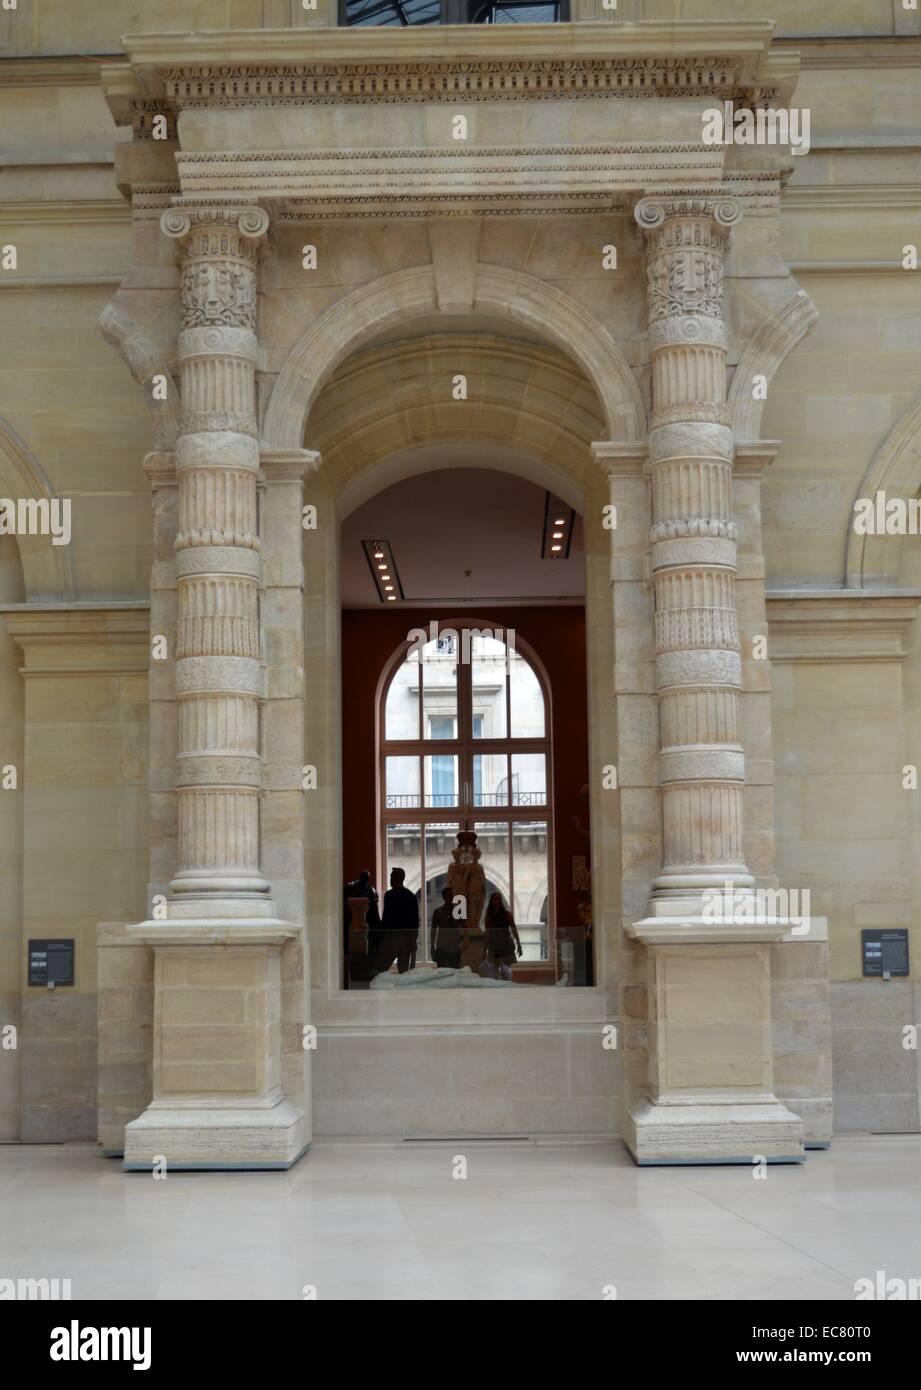 Arcade ionique du palais des Tuileries - Stock Image